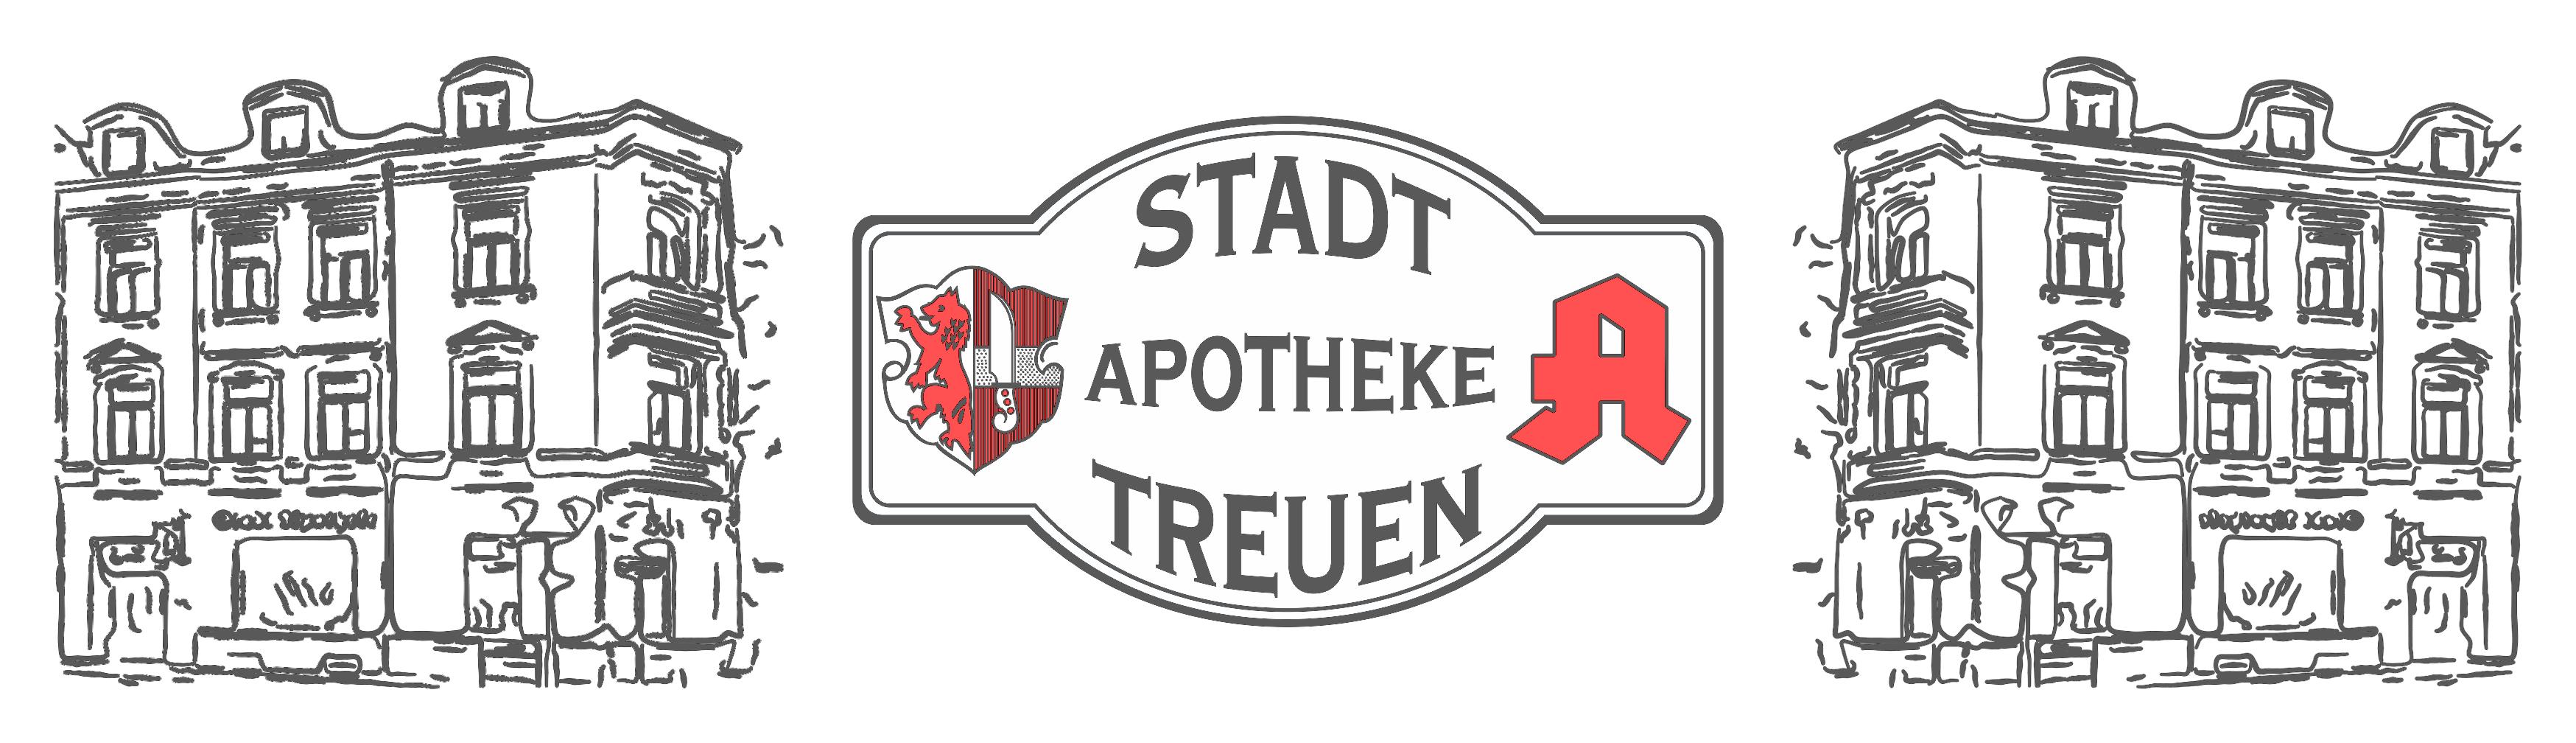 Stadt-Apotheke Treuen